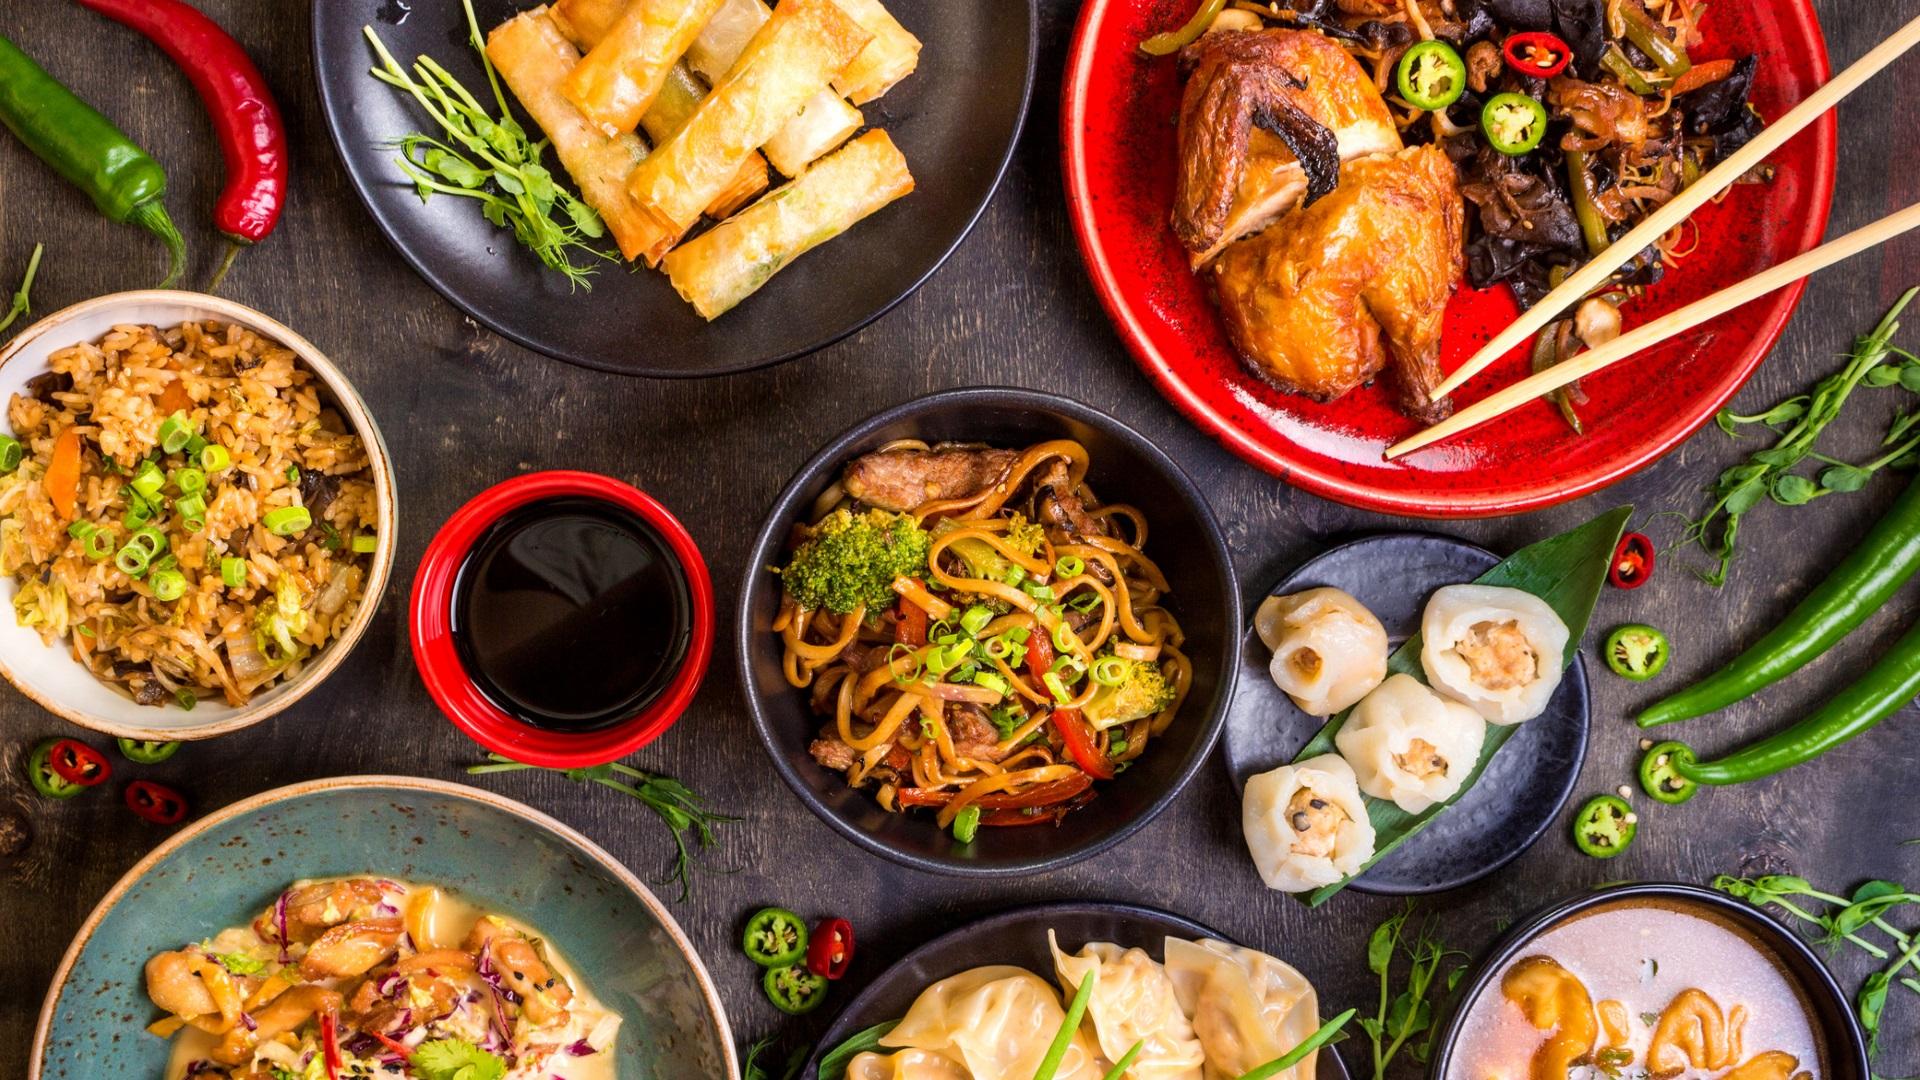 Избягвайте: Китайска храна за вкъщи<br /> <br /> Ако прекалено често консумирате храни, богати на нарий, може да влошите реакцията на стрес в тялото ви, както и да нарушите регулацията на кръвното налягане в организма, което води до общо високо кръвно налягане или хипертония. Китайската храна е една от най-богатите на натрий – помислете само за соевия сос и терияки сос. Бъдете умерени в консумацията ѝ.